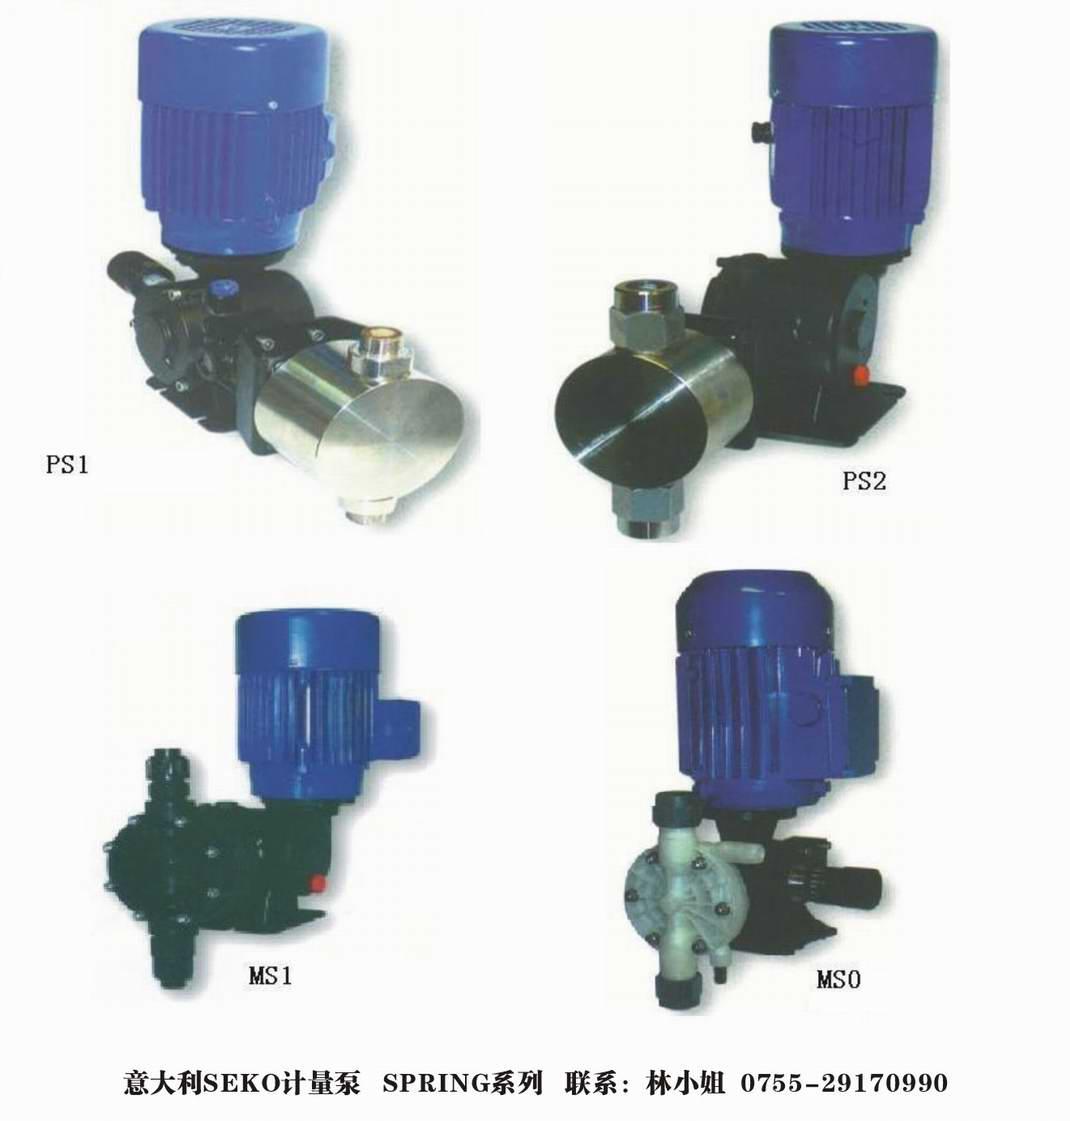 齿轮计量泵 柱塞式计量泵 米顿罗计量泵 隔膜计量泵 进口计量泵